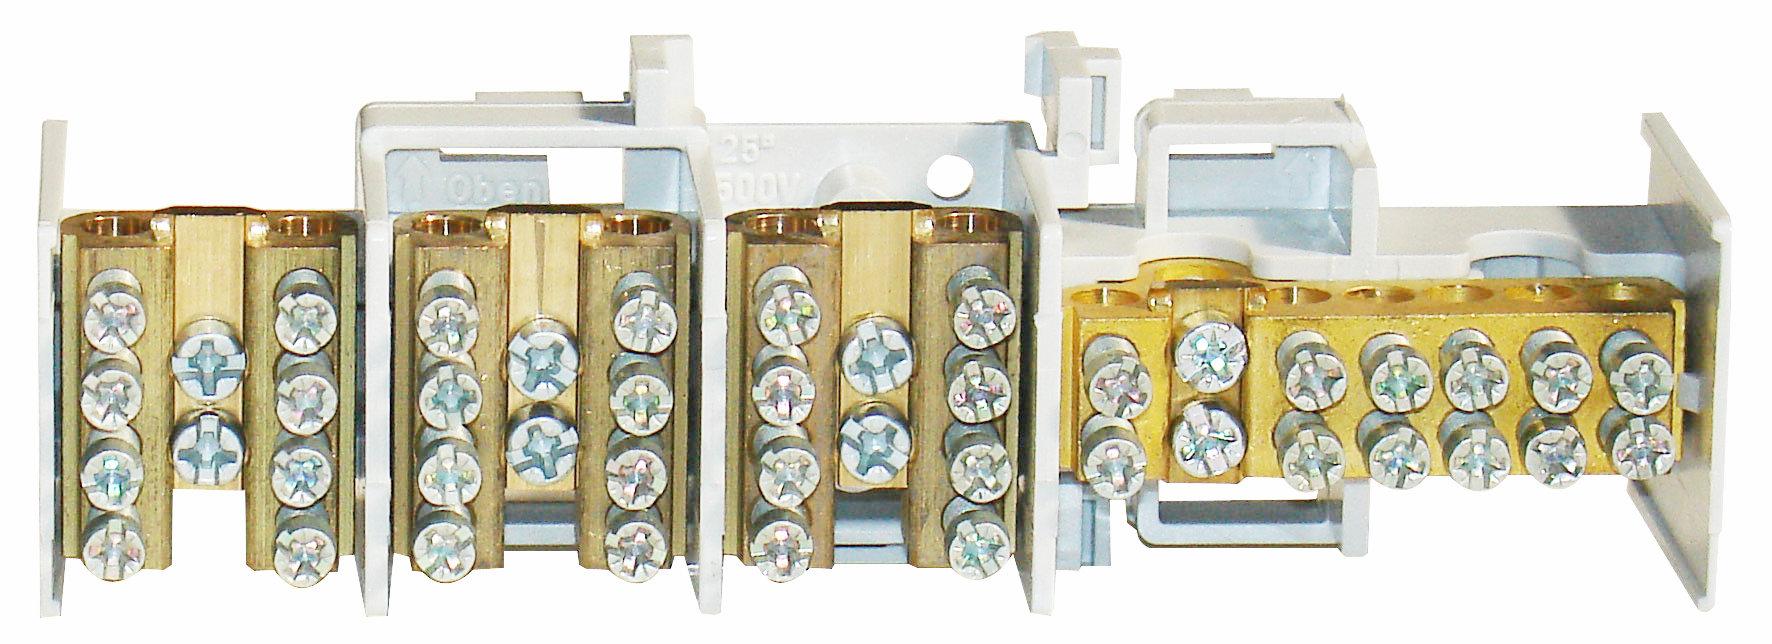 1 Stk Hauptklemme blank 25mm², 4-polig, 3x4x16mm² SI022350--